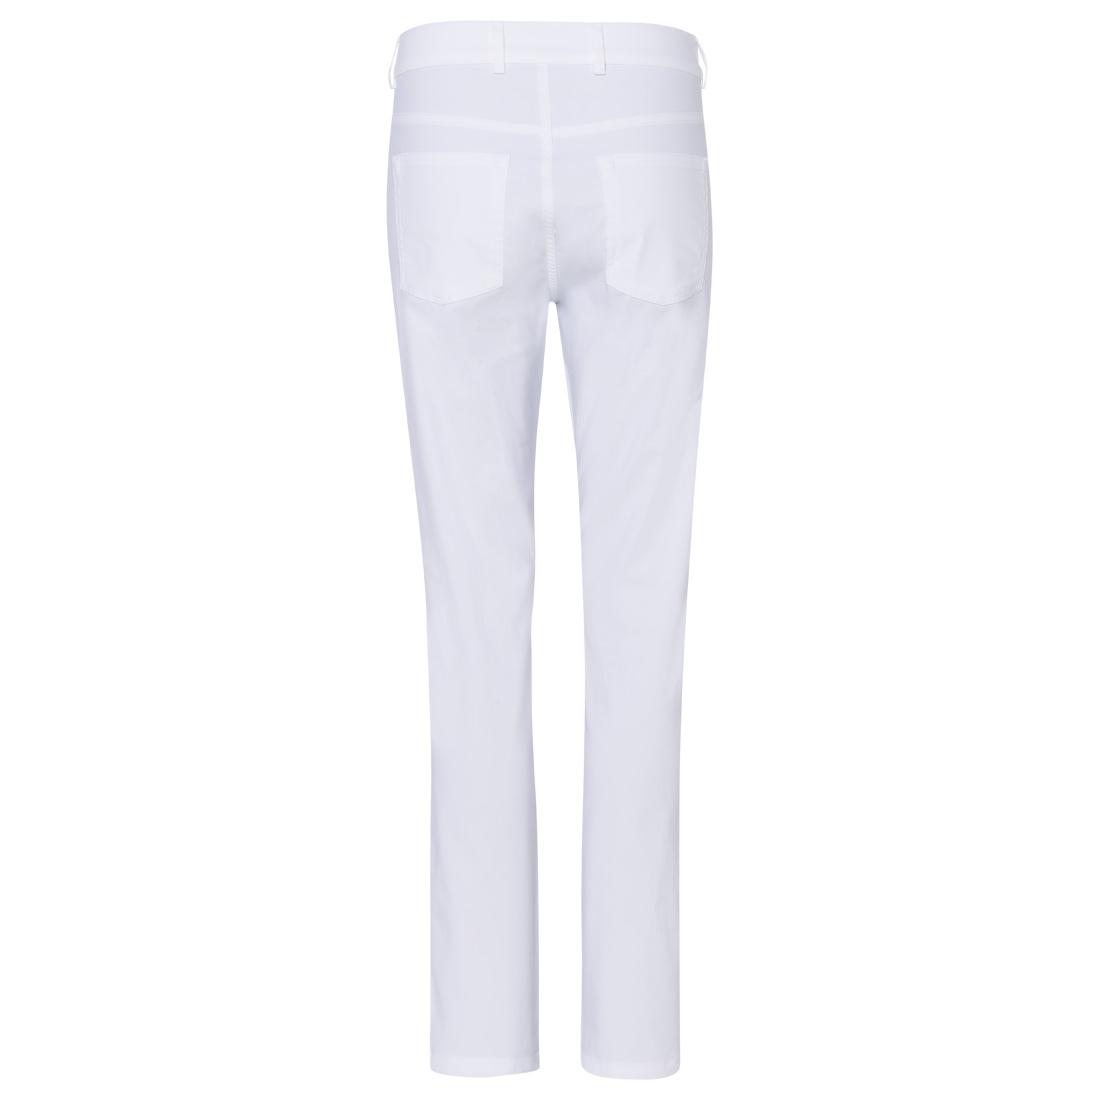 Damen 7/8-Hose im 5-Pocket-Stil aus Stretch-Material mit Sonnenschutz-Funktion